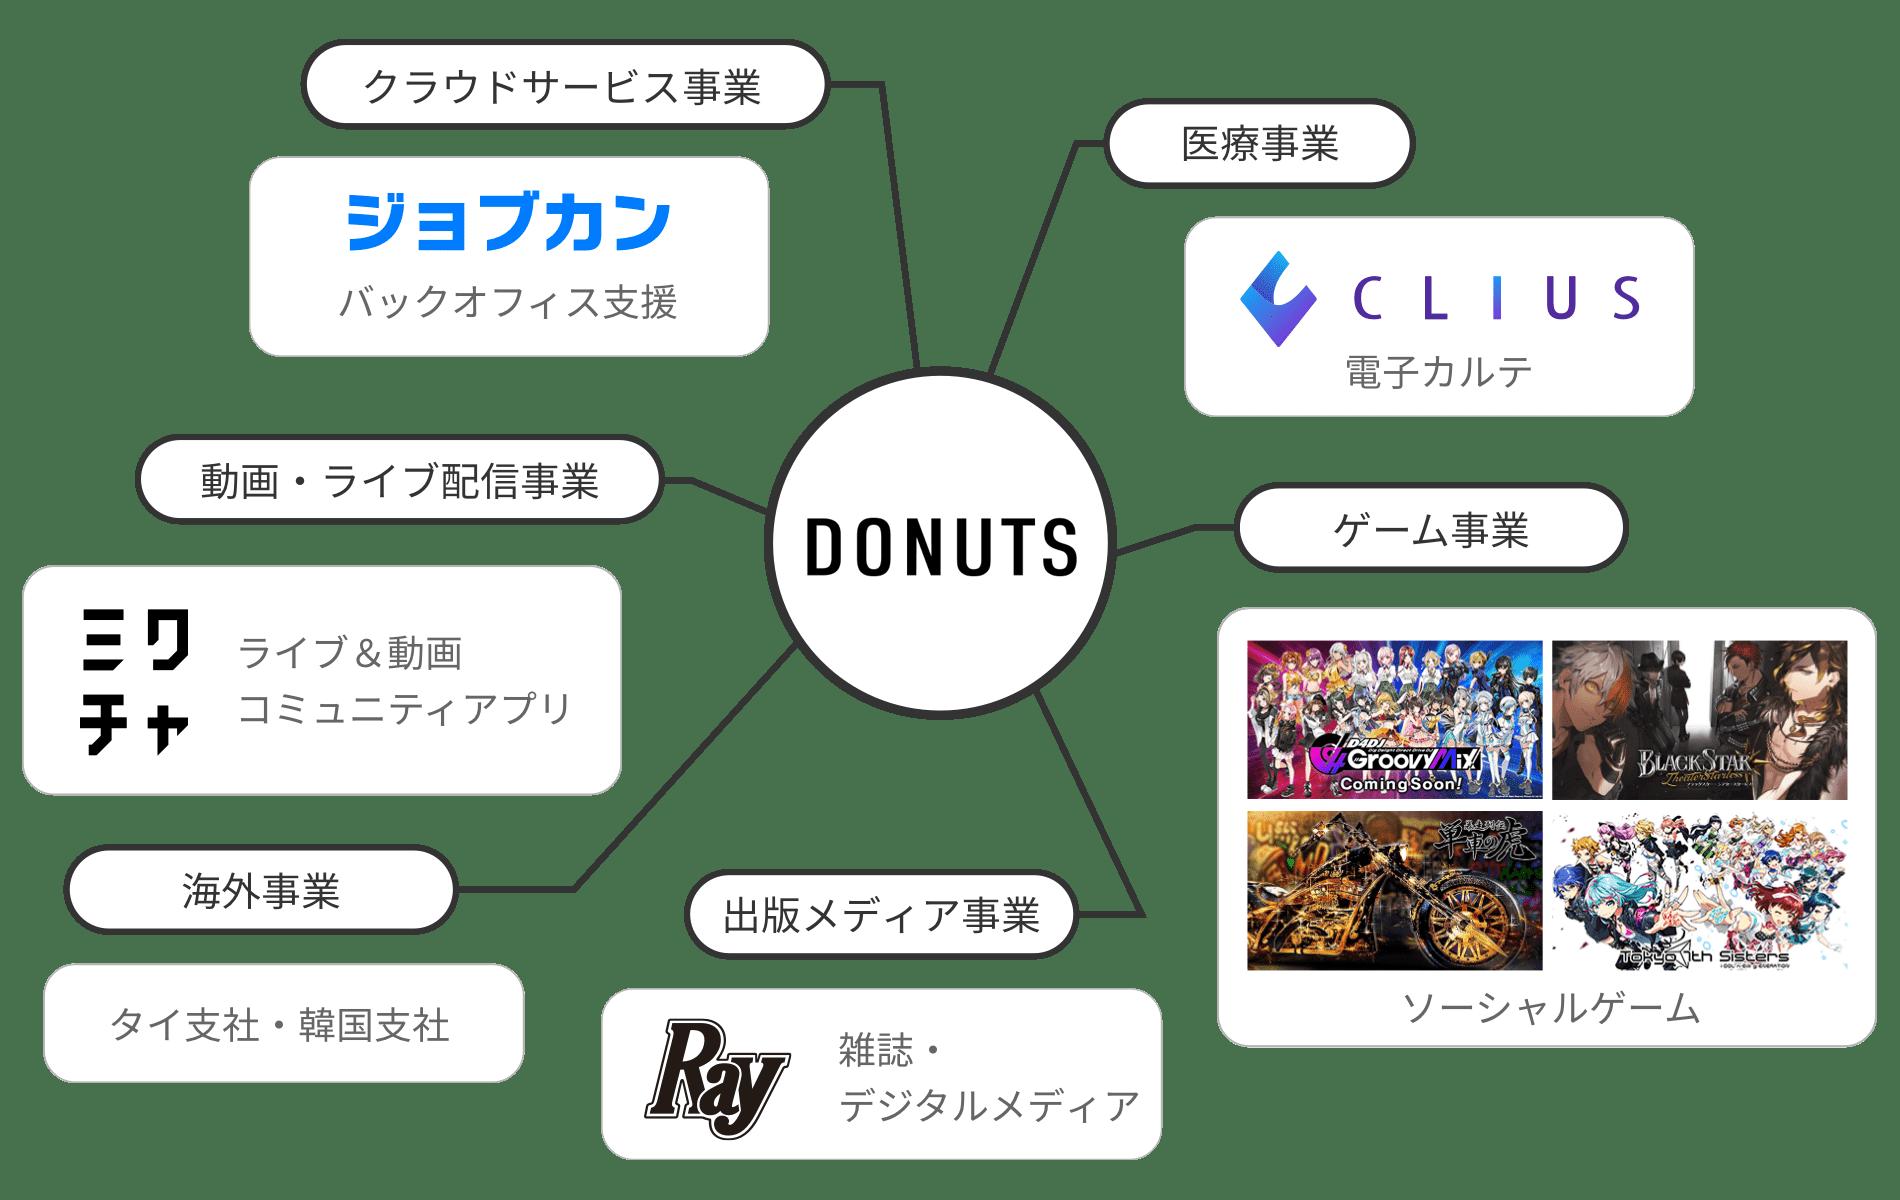 Donutsとは